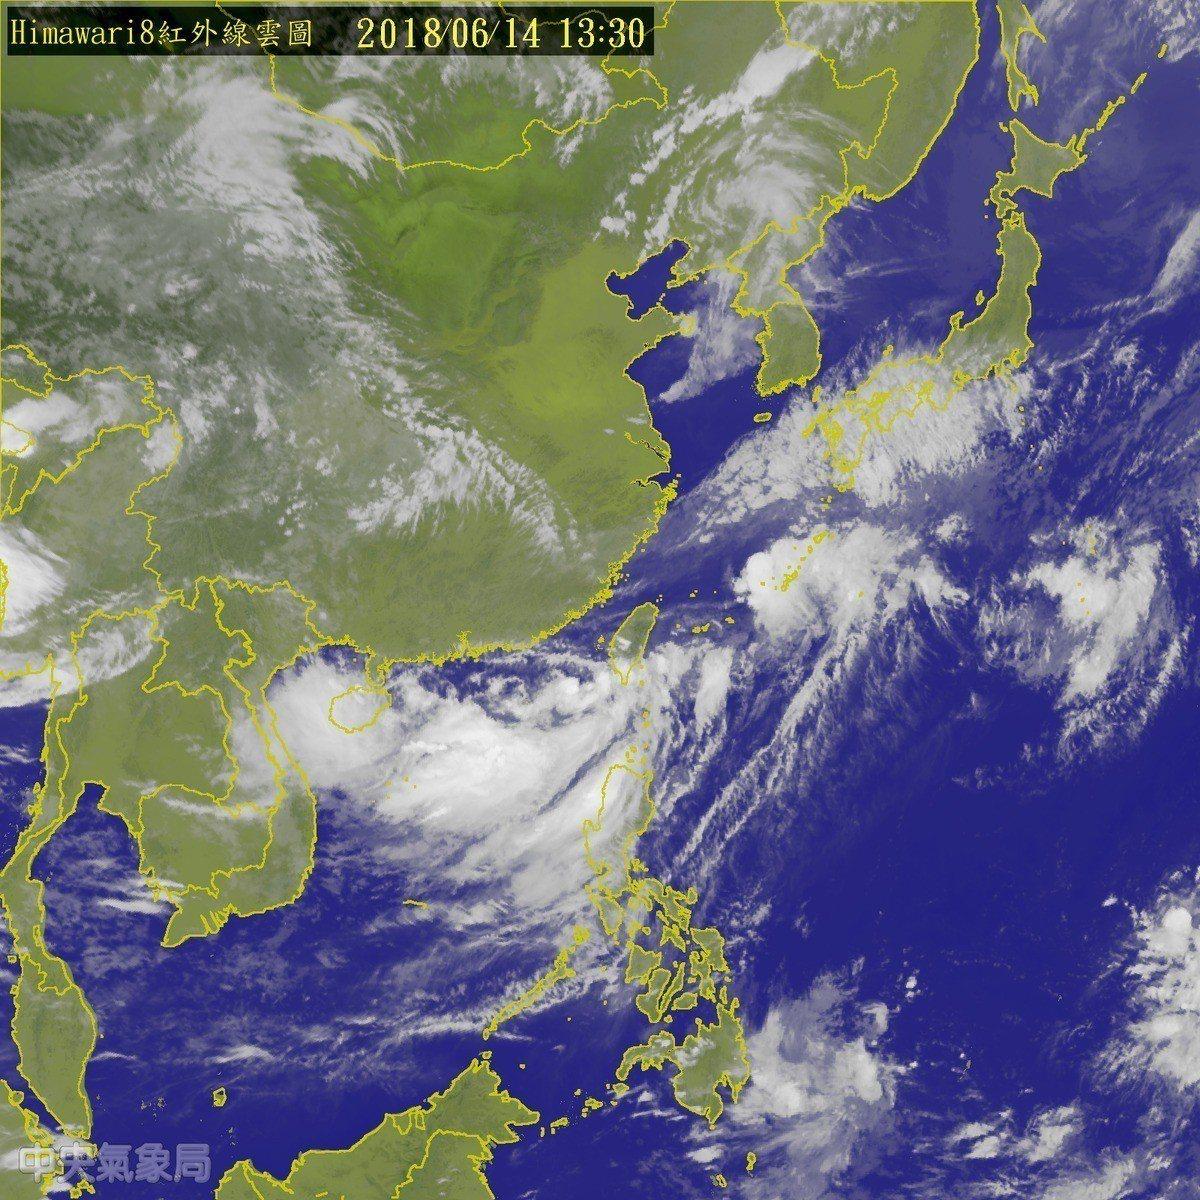 位在台灣鵝鑾鼻西南西方290公尺海面上的熱帶性低氣壓,目前以時速10公里逐漸向東...